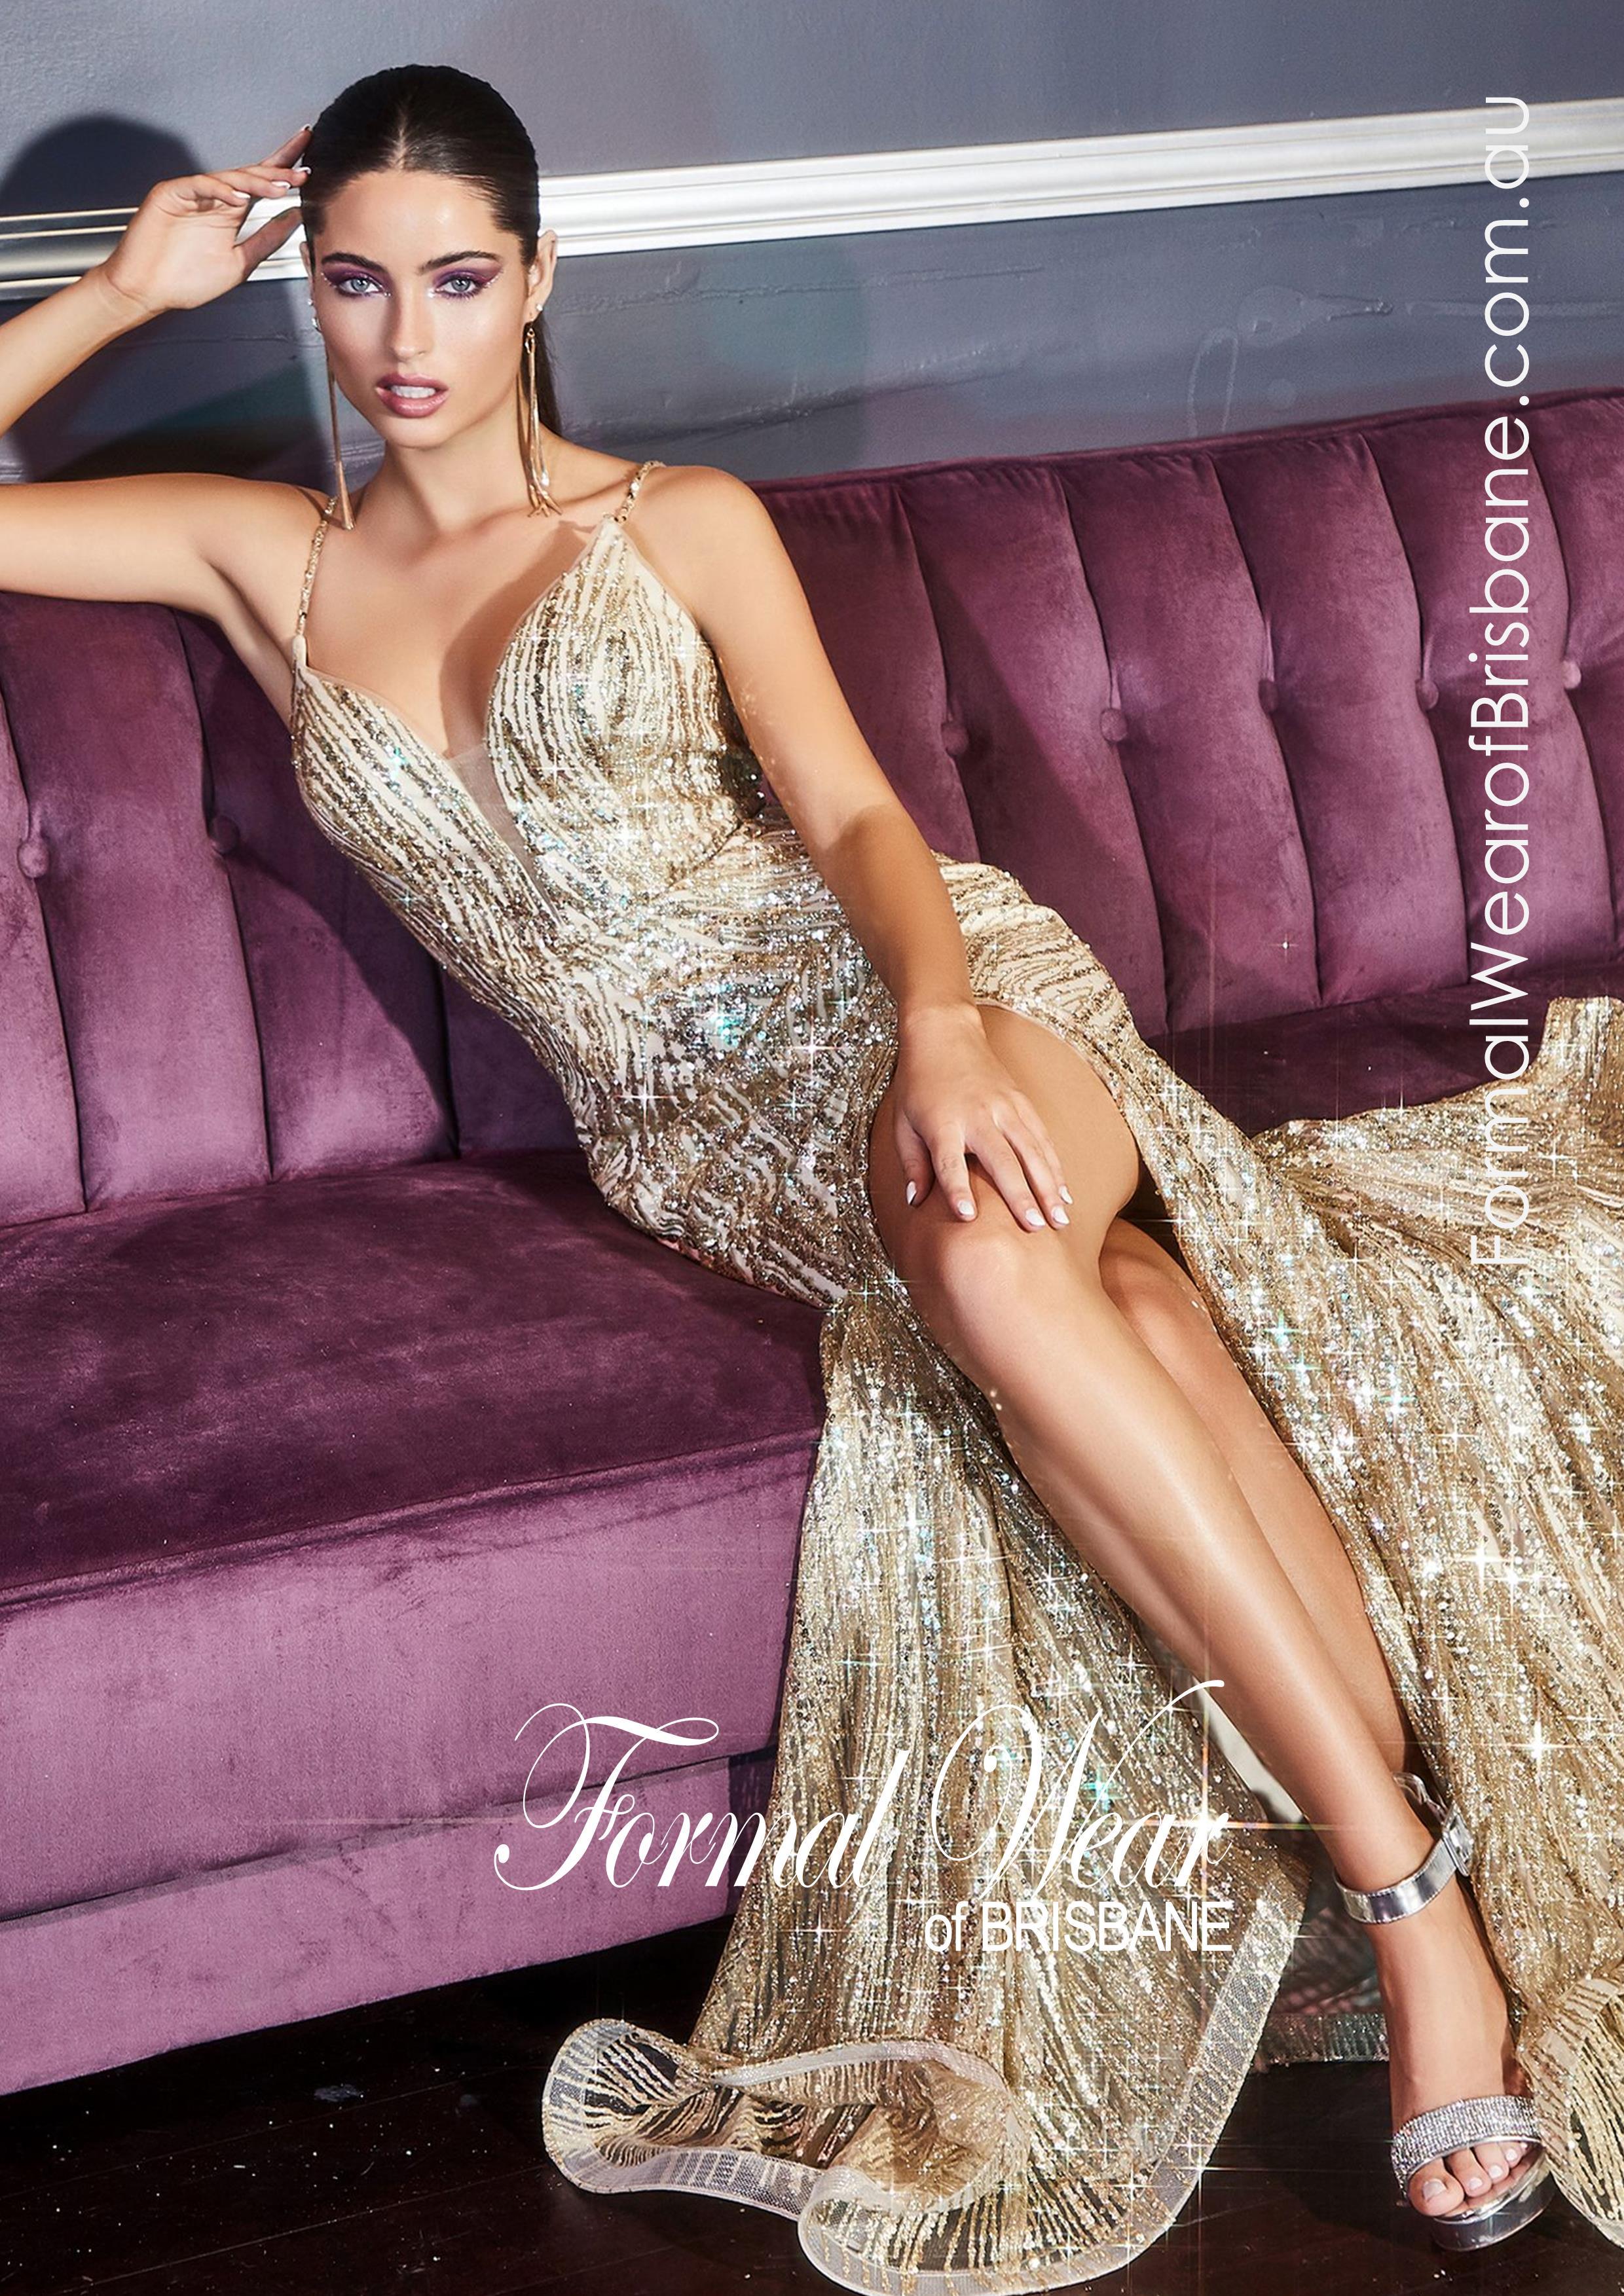 Formal Dress Stores,Gold Formal Wear,Brisbane Formal Dresses,Evening Gown Shops,Formal Dresses Brisbane,formal dress shops,formal dress shops,